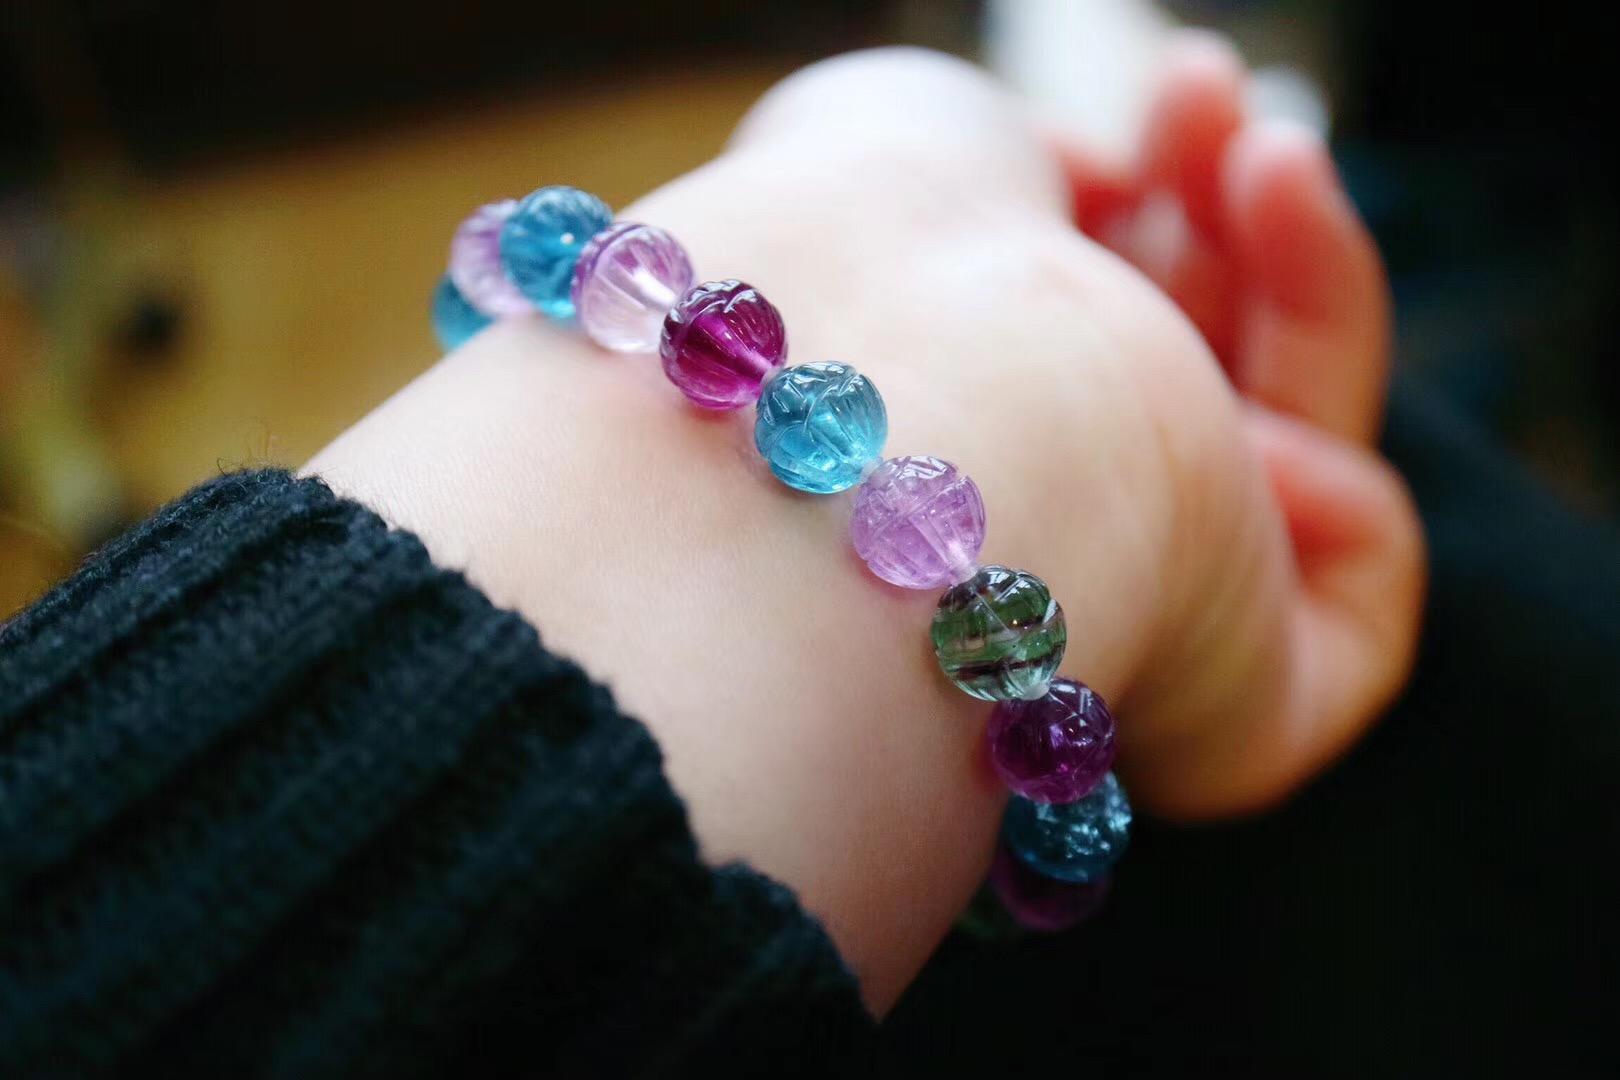 【菩心|极品&五彩萤石莲花珠】在天然晶石界,萤石也是一种很特别的存在-菩心晶舍